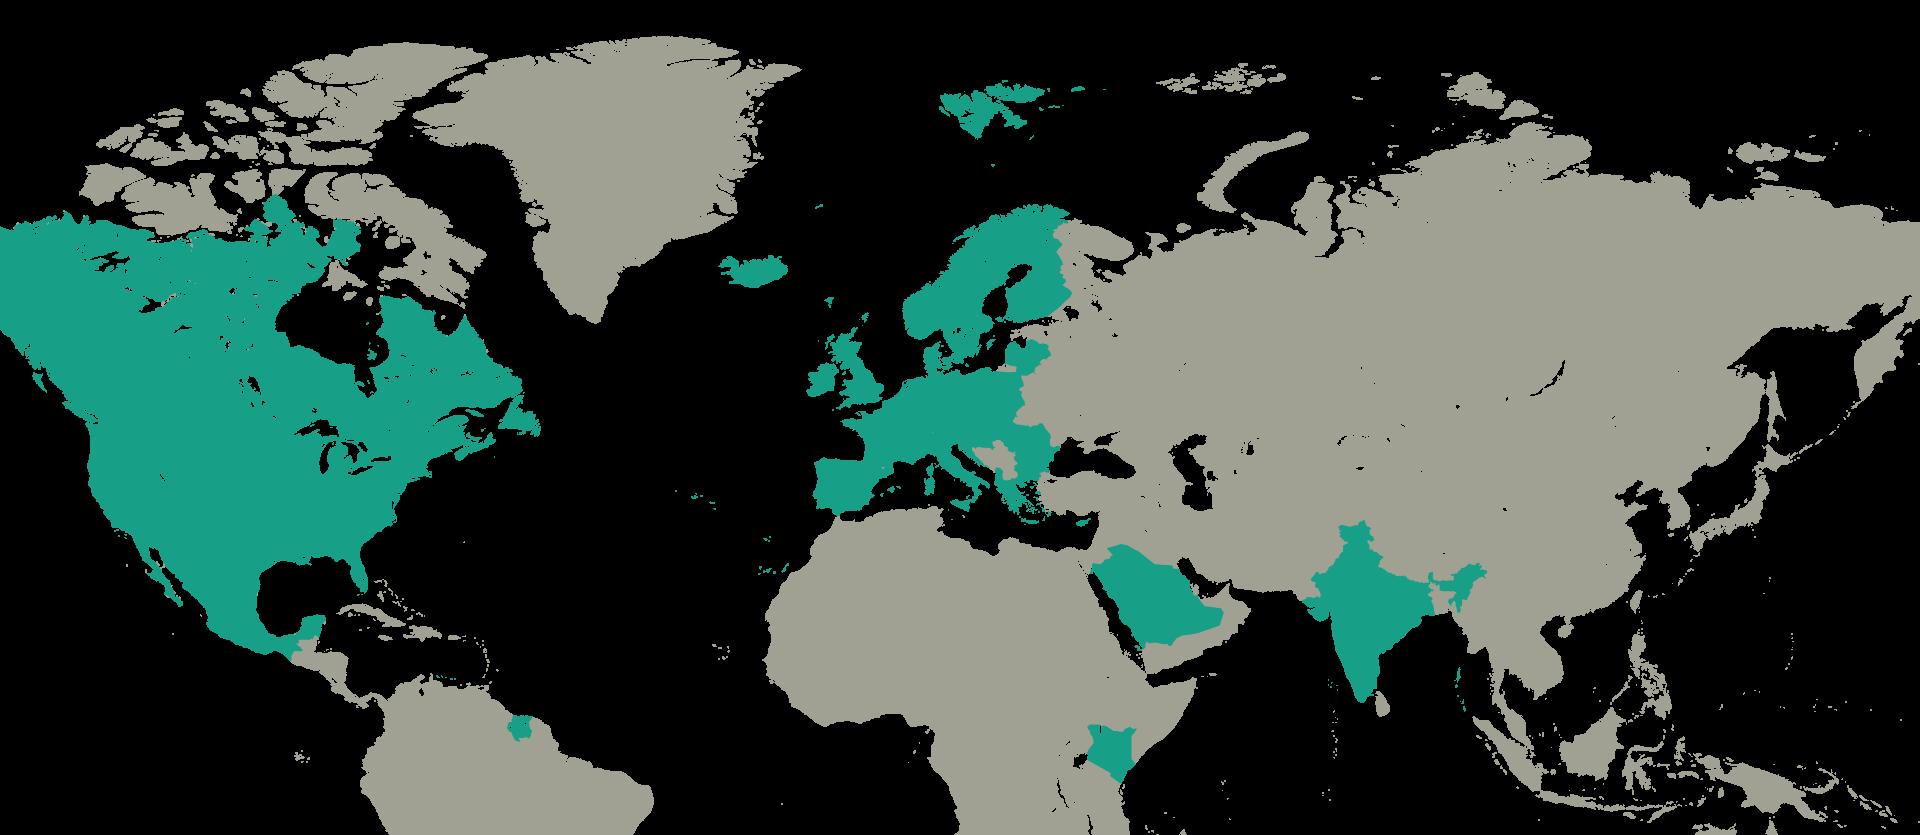 world-map - Schouten